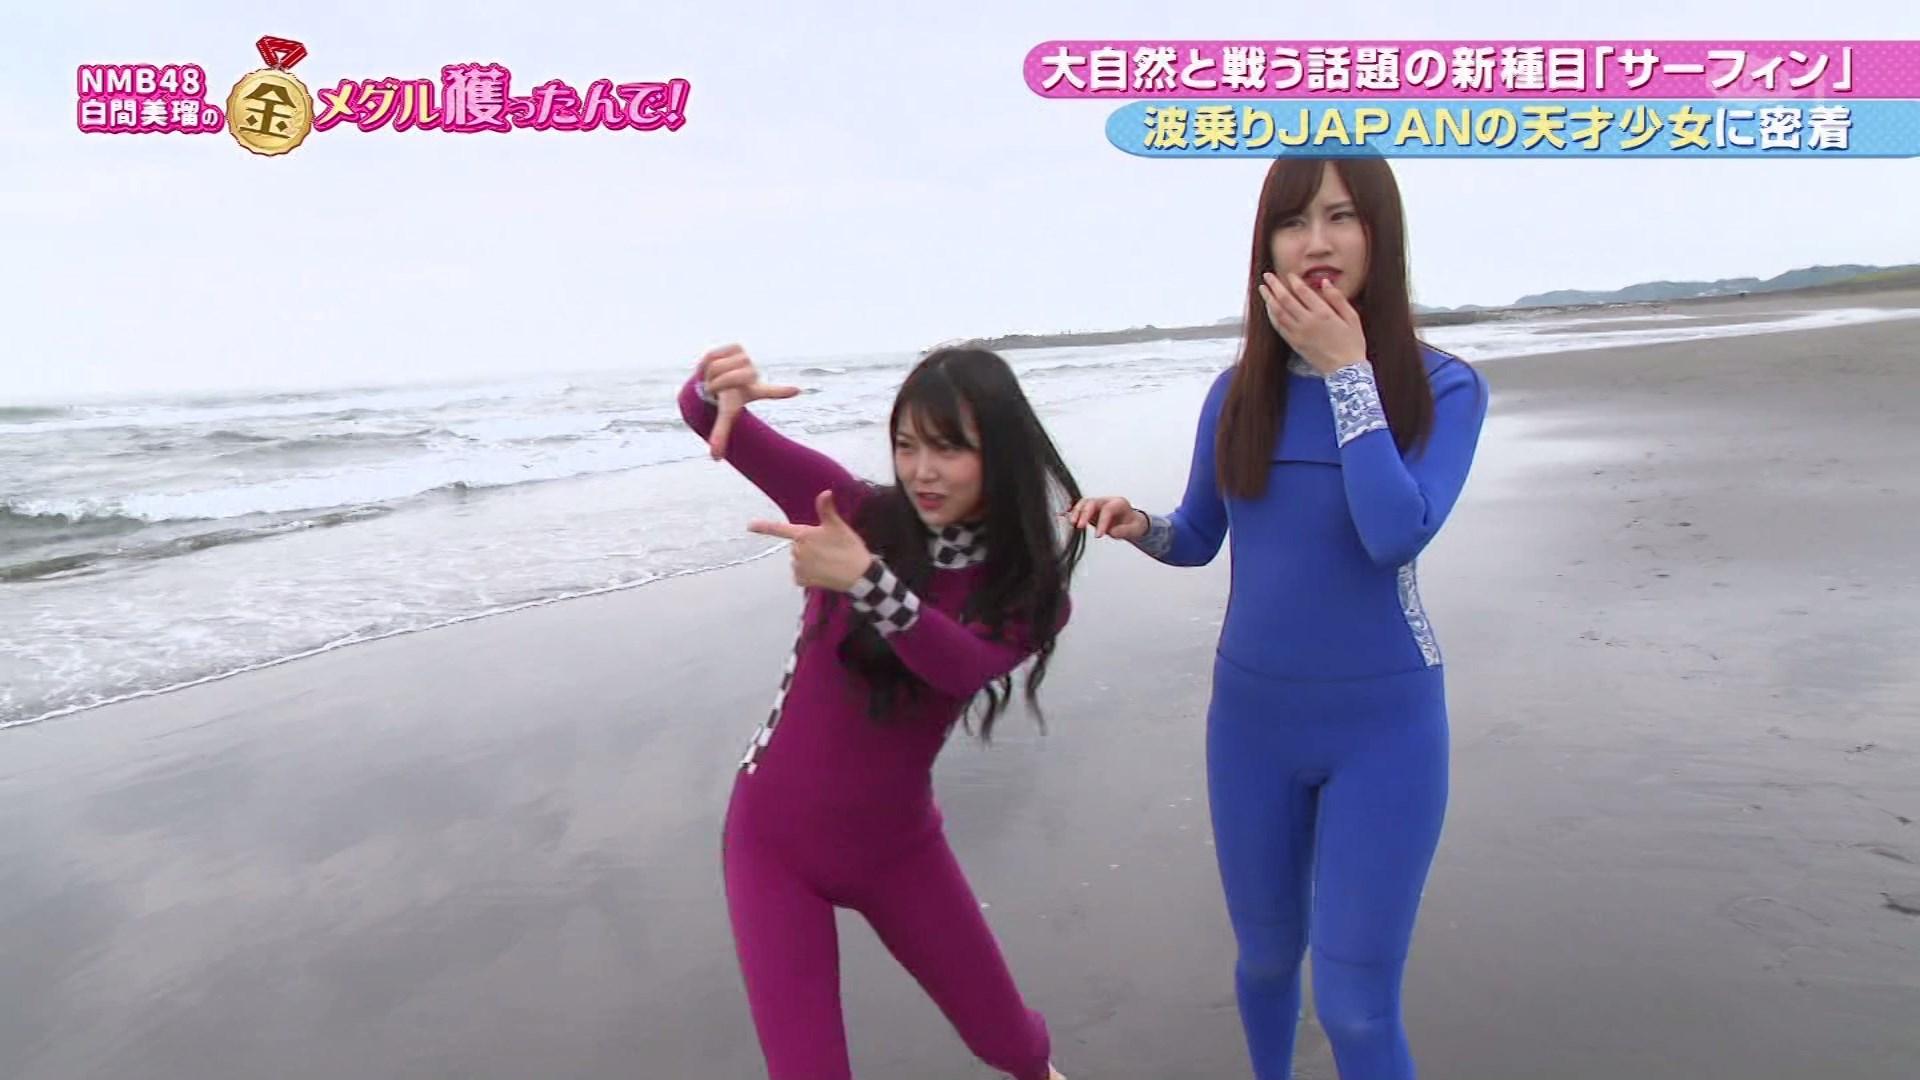 【白間美瑠/古賀成美/山本彩加】8月30日に放送された「NMB48白間美瑠の金メダル獲ったんで!」の画像